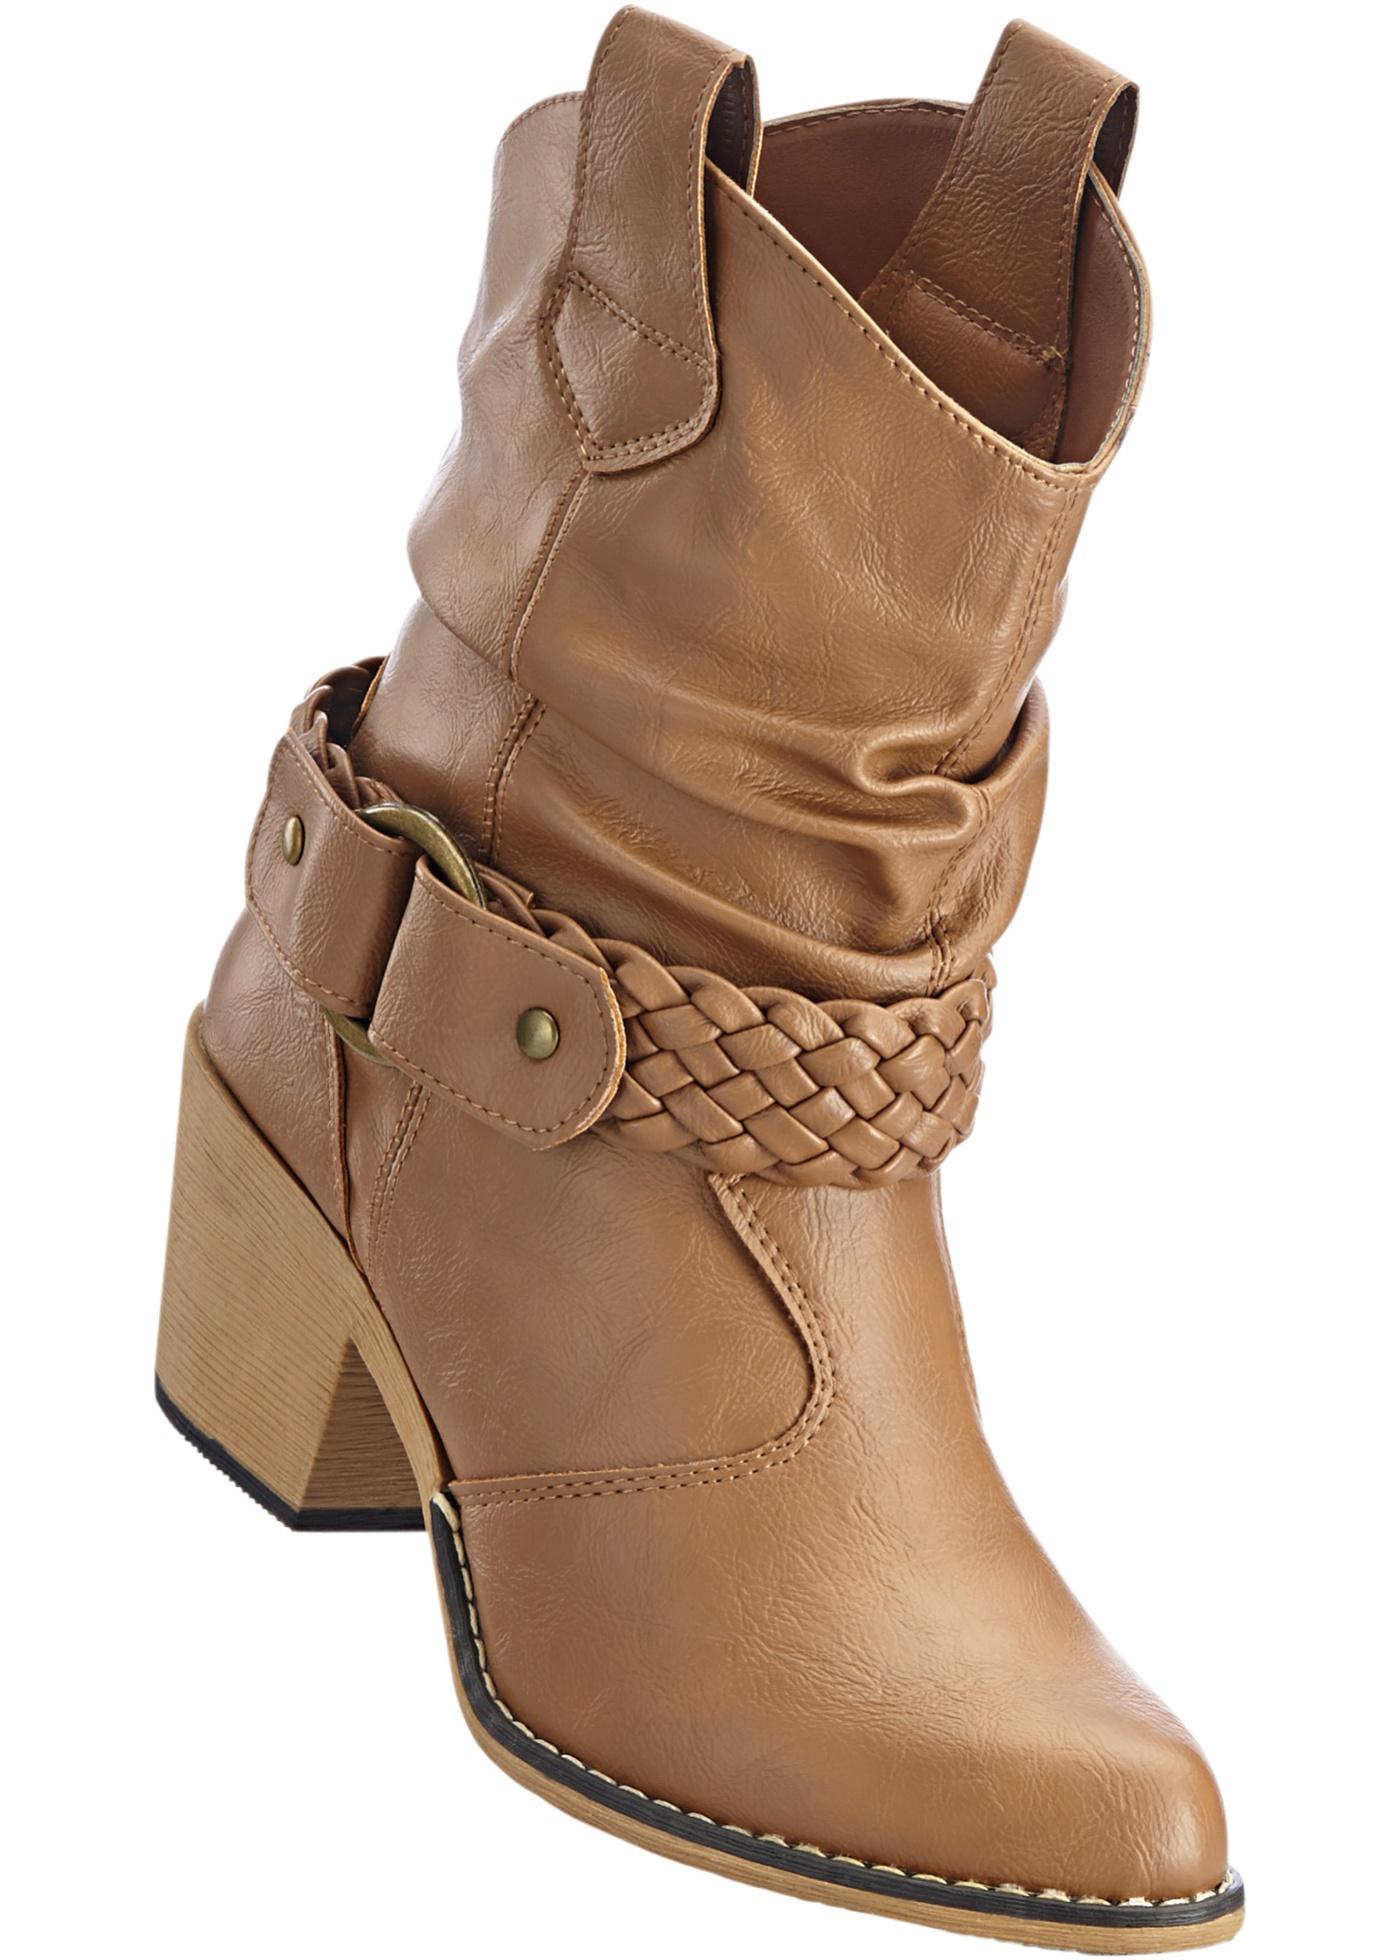 Bonprix SE - Cowboyboots 349.00